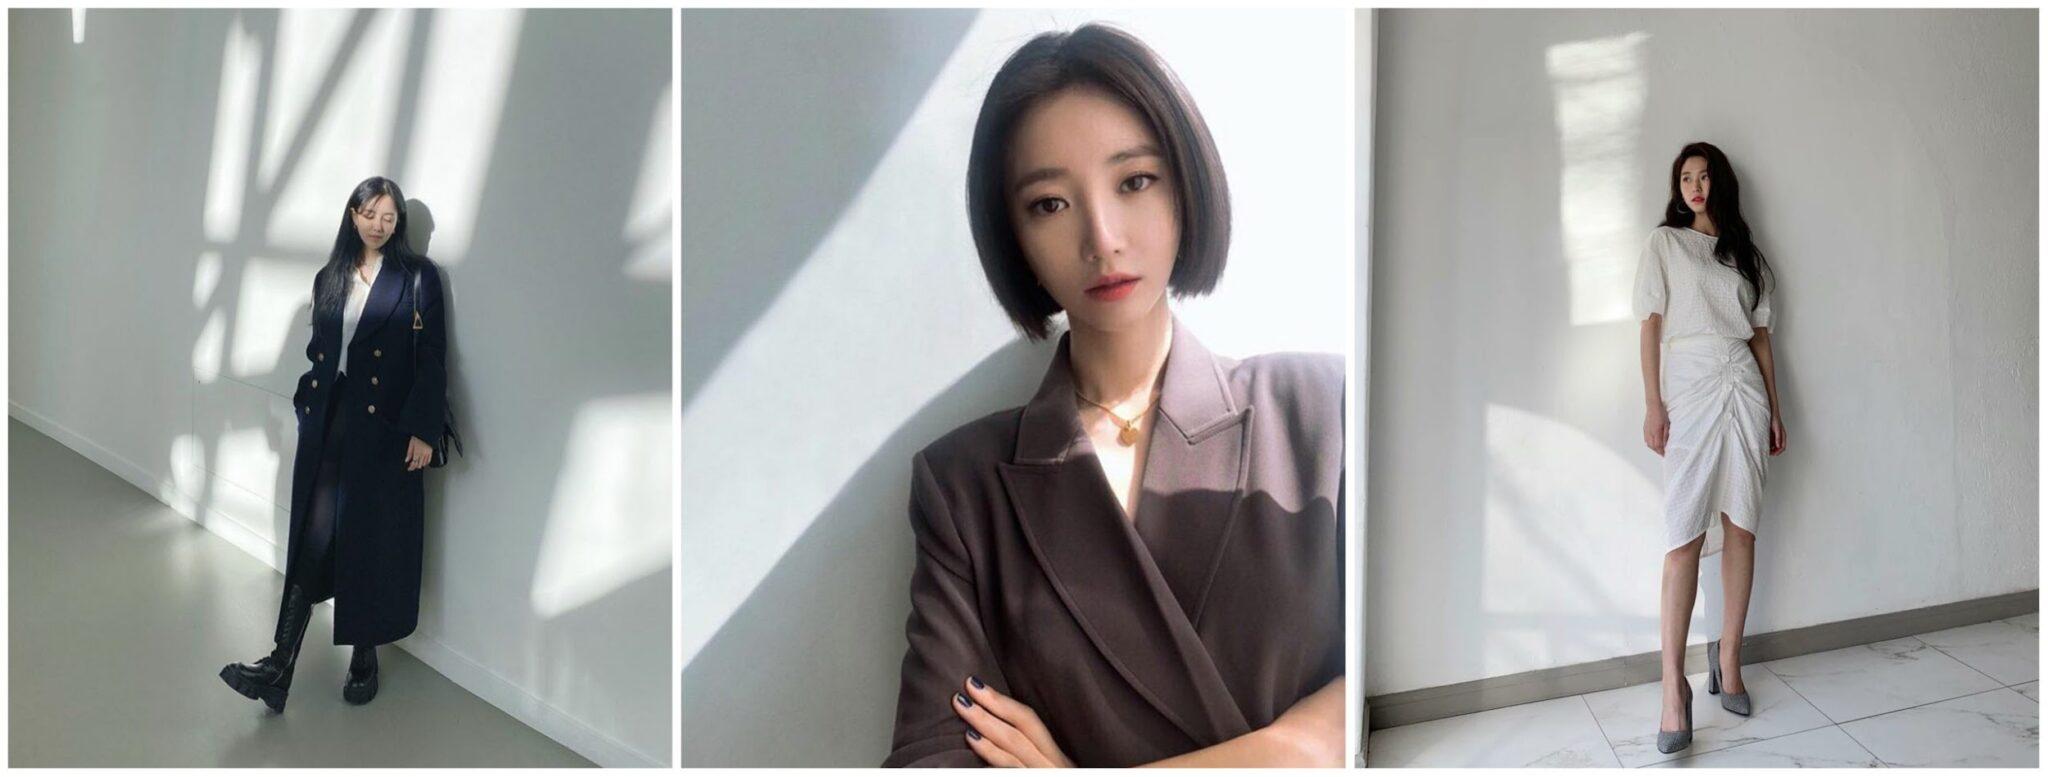 Mẹo chụp ảnh Instagram của Hàn Quốc - nền trắng